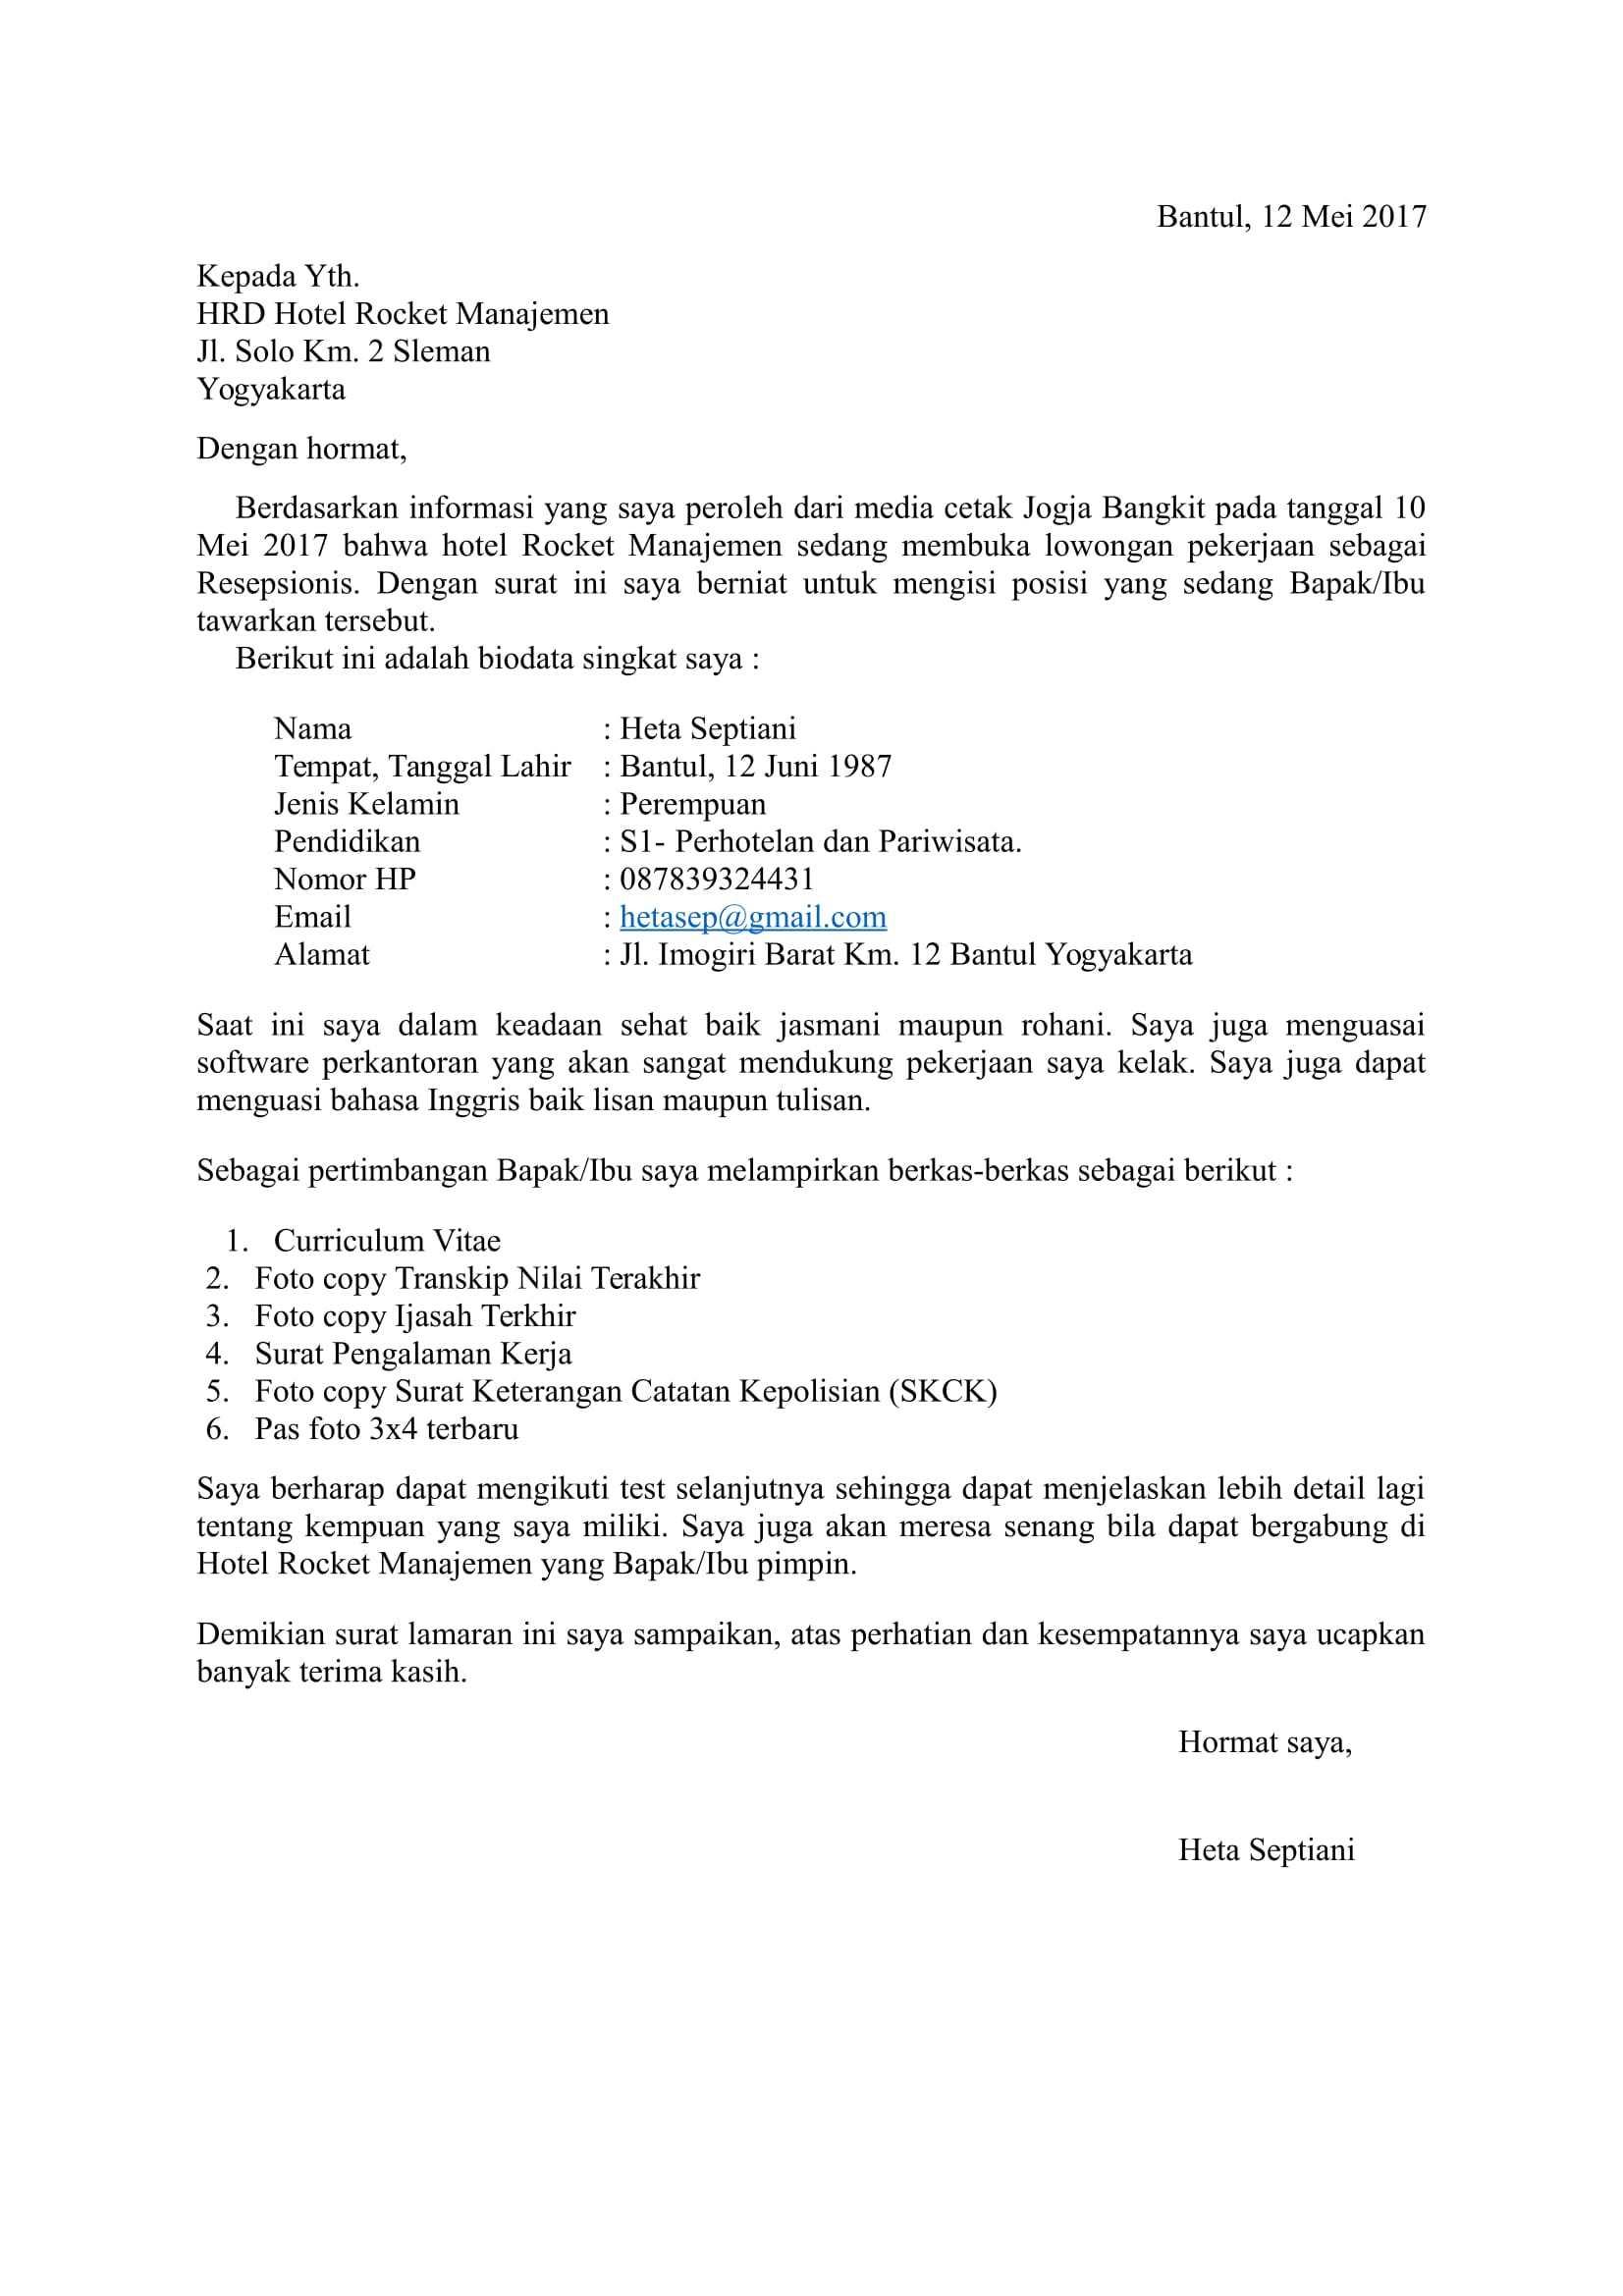 Contoh Surat Lamaran Kerja Di Hotel Bahasa Inggris Beserta Artinya